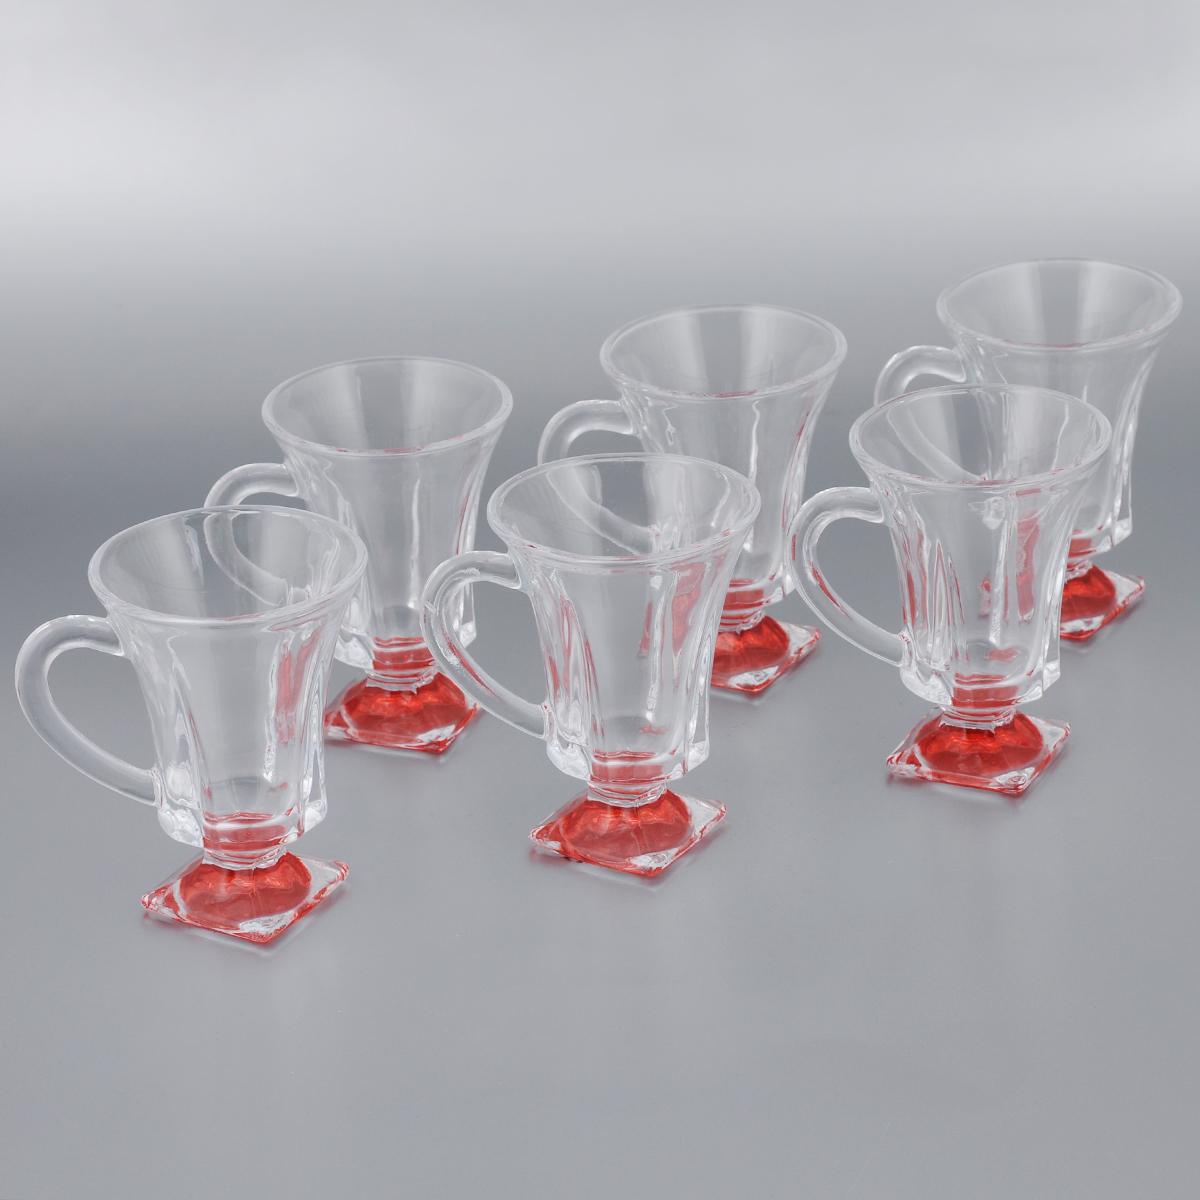 Набор стаканов для глинтвейна Mayer & Boch Loraine, цвет: прозрачный, красный, 150 мл, 6 штVT-1520(SR)Набор Mayer & Boch Loraine состоит из шести стаканов, выполненных из прочного стекла. Предметы набора имеют цветную ножку и декорированы рельефом. Они излучают приятный блеск и издают мелодичный звон. Для удобства изделия оснащены изящной ручкой.Набор Mayer & Boch Loraine прекрасно оформит интерьер кабинета или гостиной и станет отличным дополнением бара. Такой набор также станет хорошим подарком к любому случаю. Диаметр стакана (по верхнему краю): 8 см.Высота стакана: 11 см.